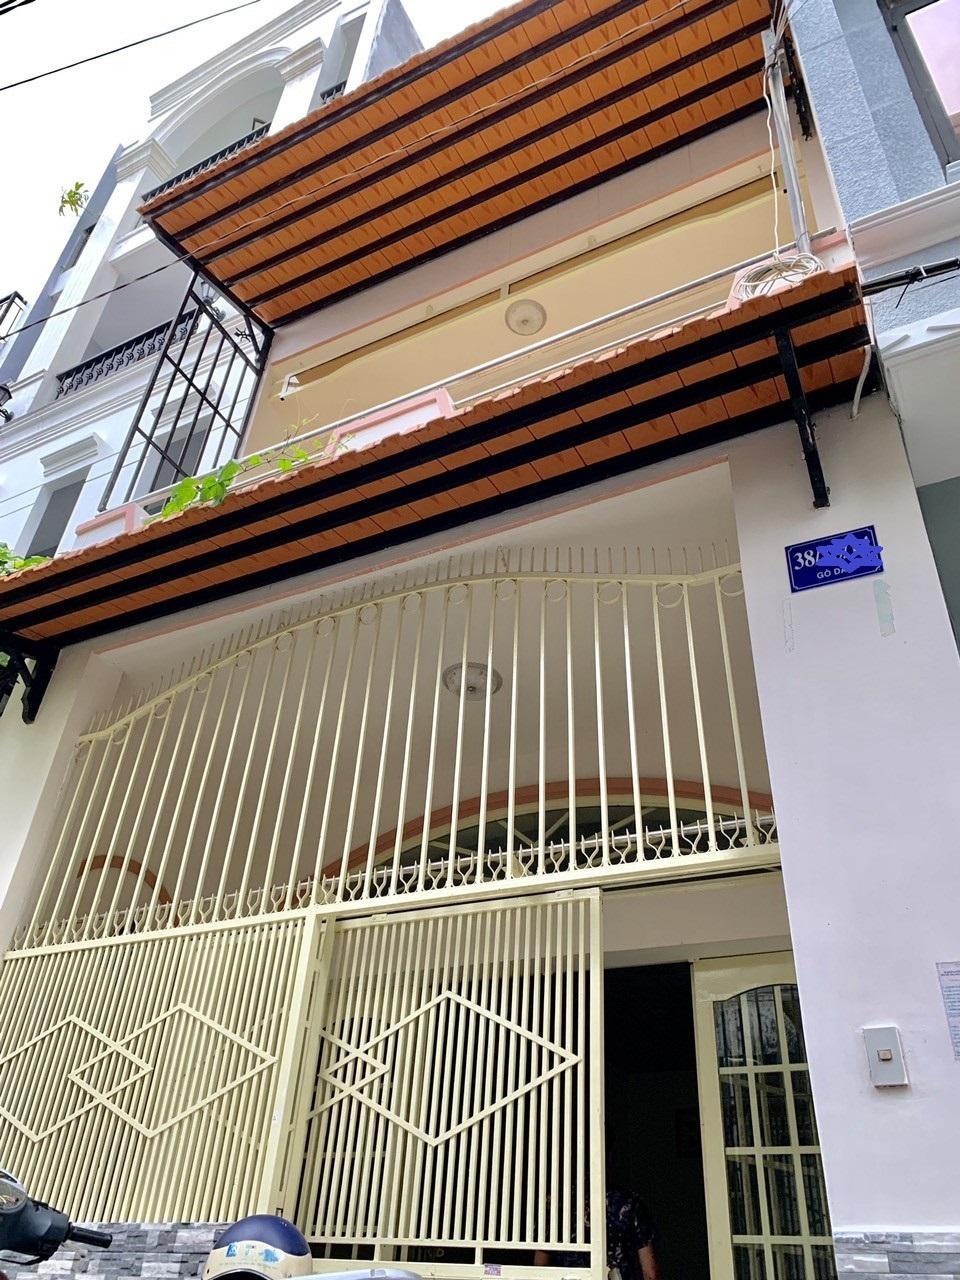 Bán nhà Hẻm xe hơi 38 Gò Dầu phường Tân Quý quận Tân Phú. DT 4x12,12m